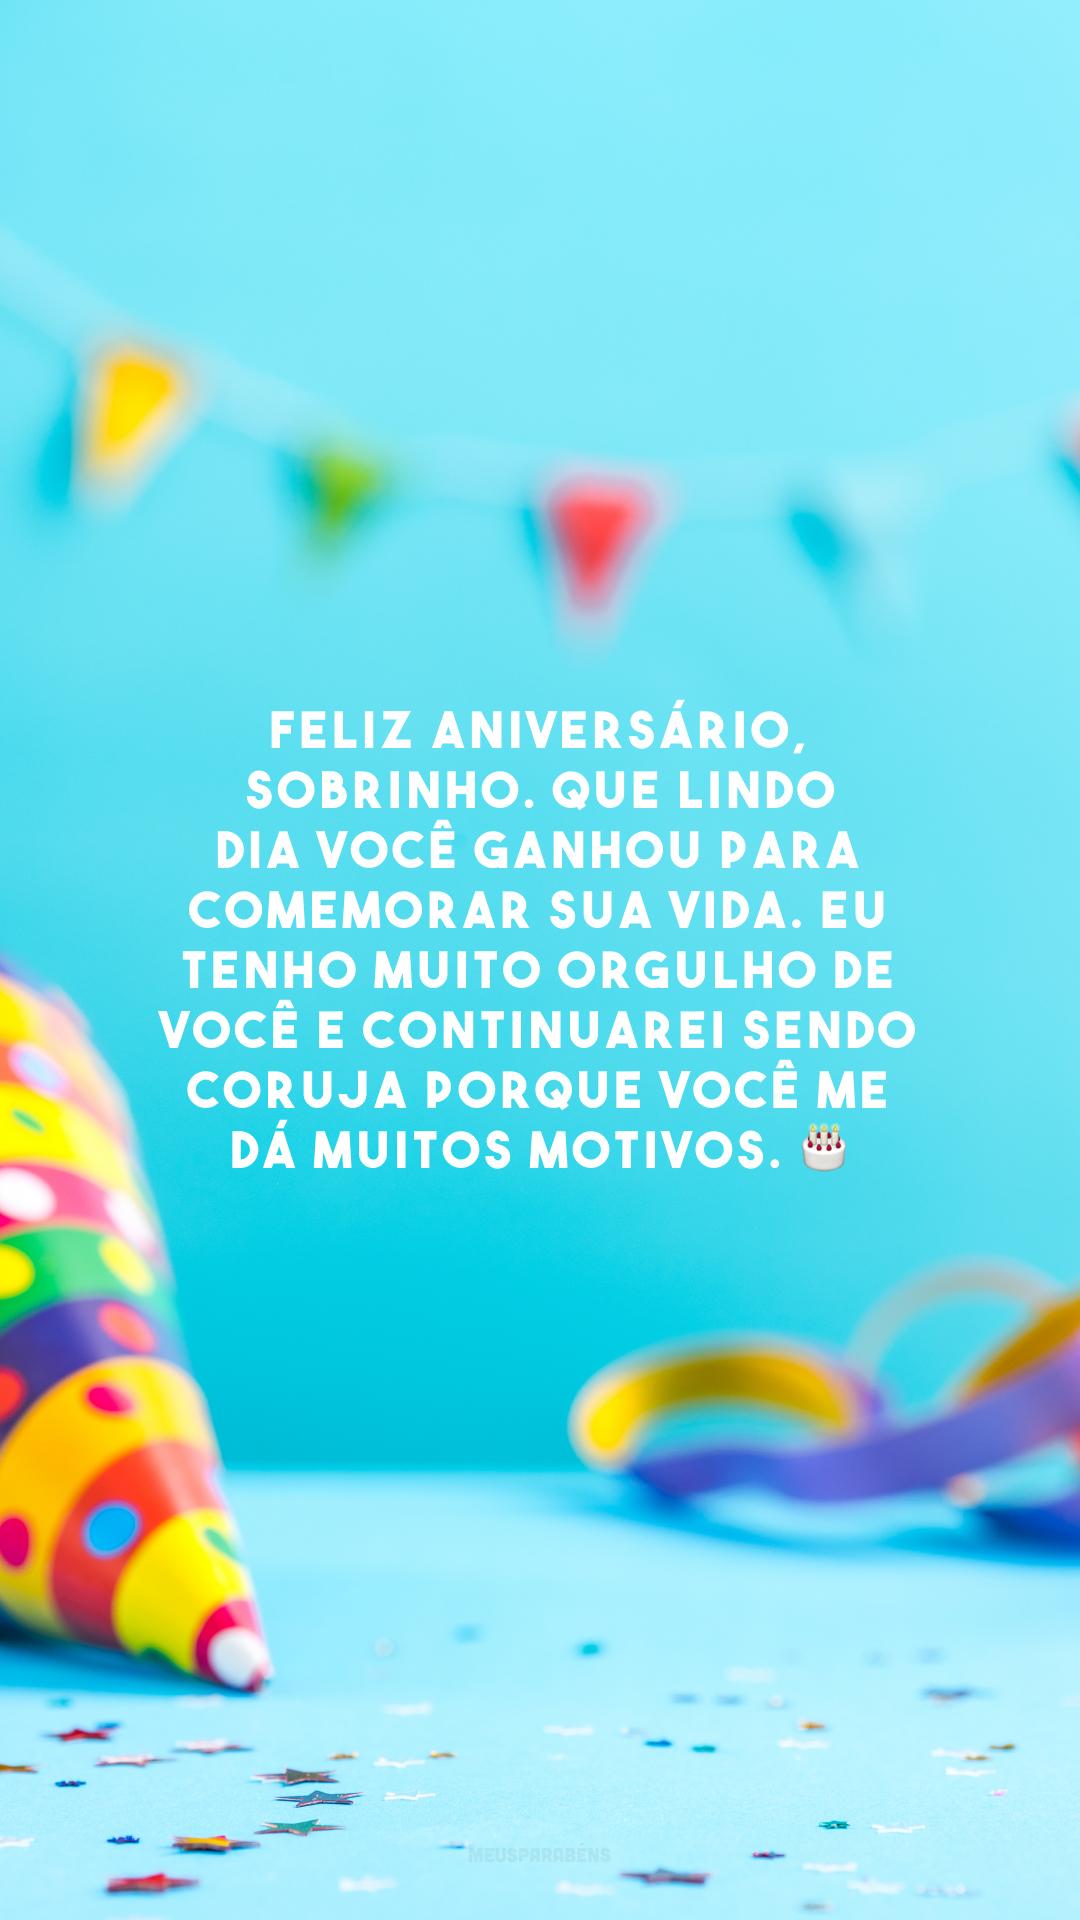 Feliz aniversário, sobrinho. Que lindo dia você ganhou para comemorar sua vida. Eu tenho muito orgulho de você e continuarei sendo coruja porque você me dá muitos motivos. 🎂